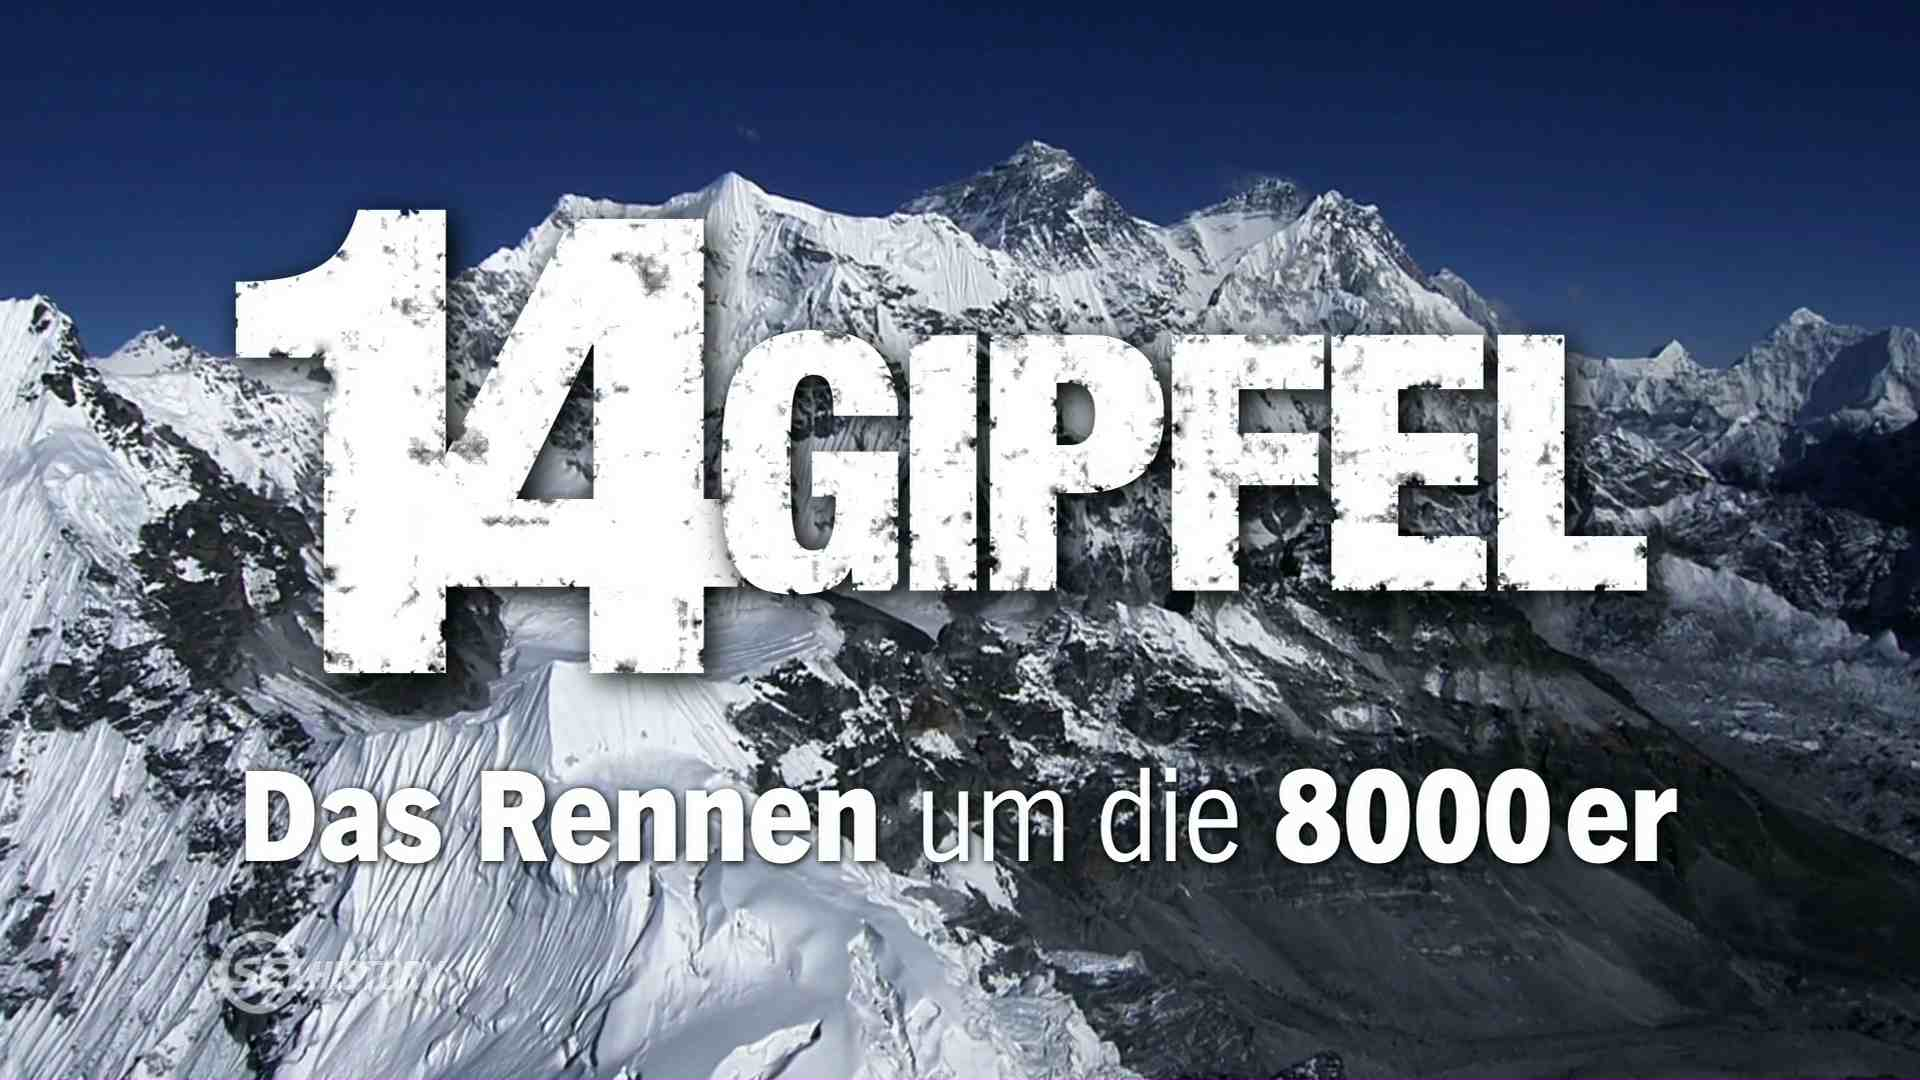 14 Gipfel - Das Rennen um die 8000er